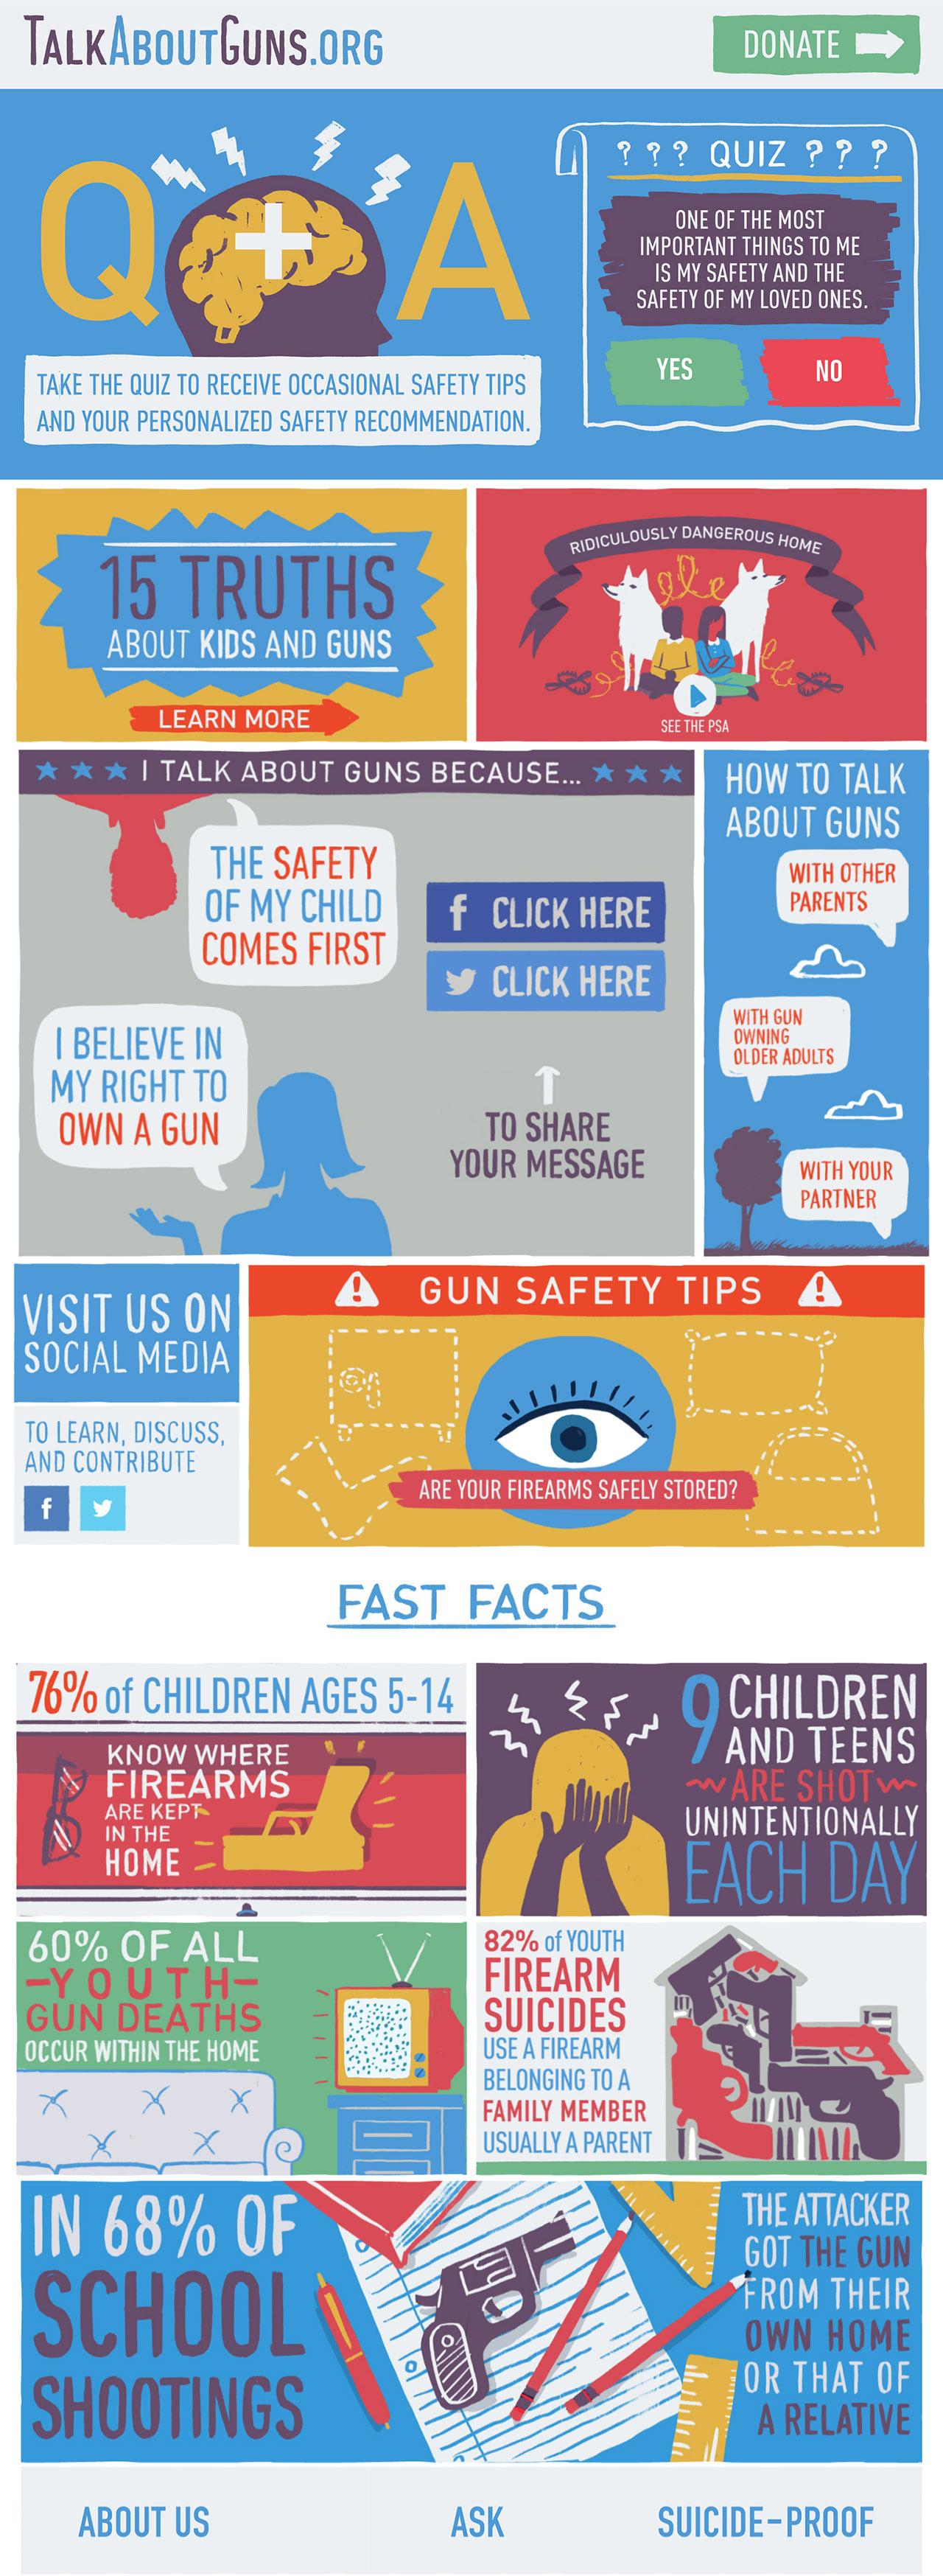 Talk About Guns Big Screenshot